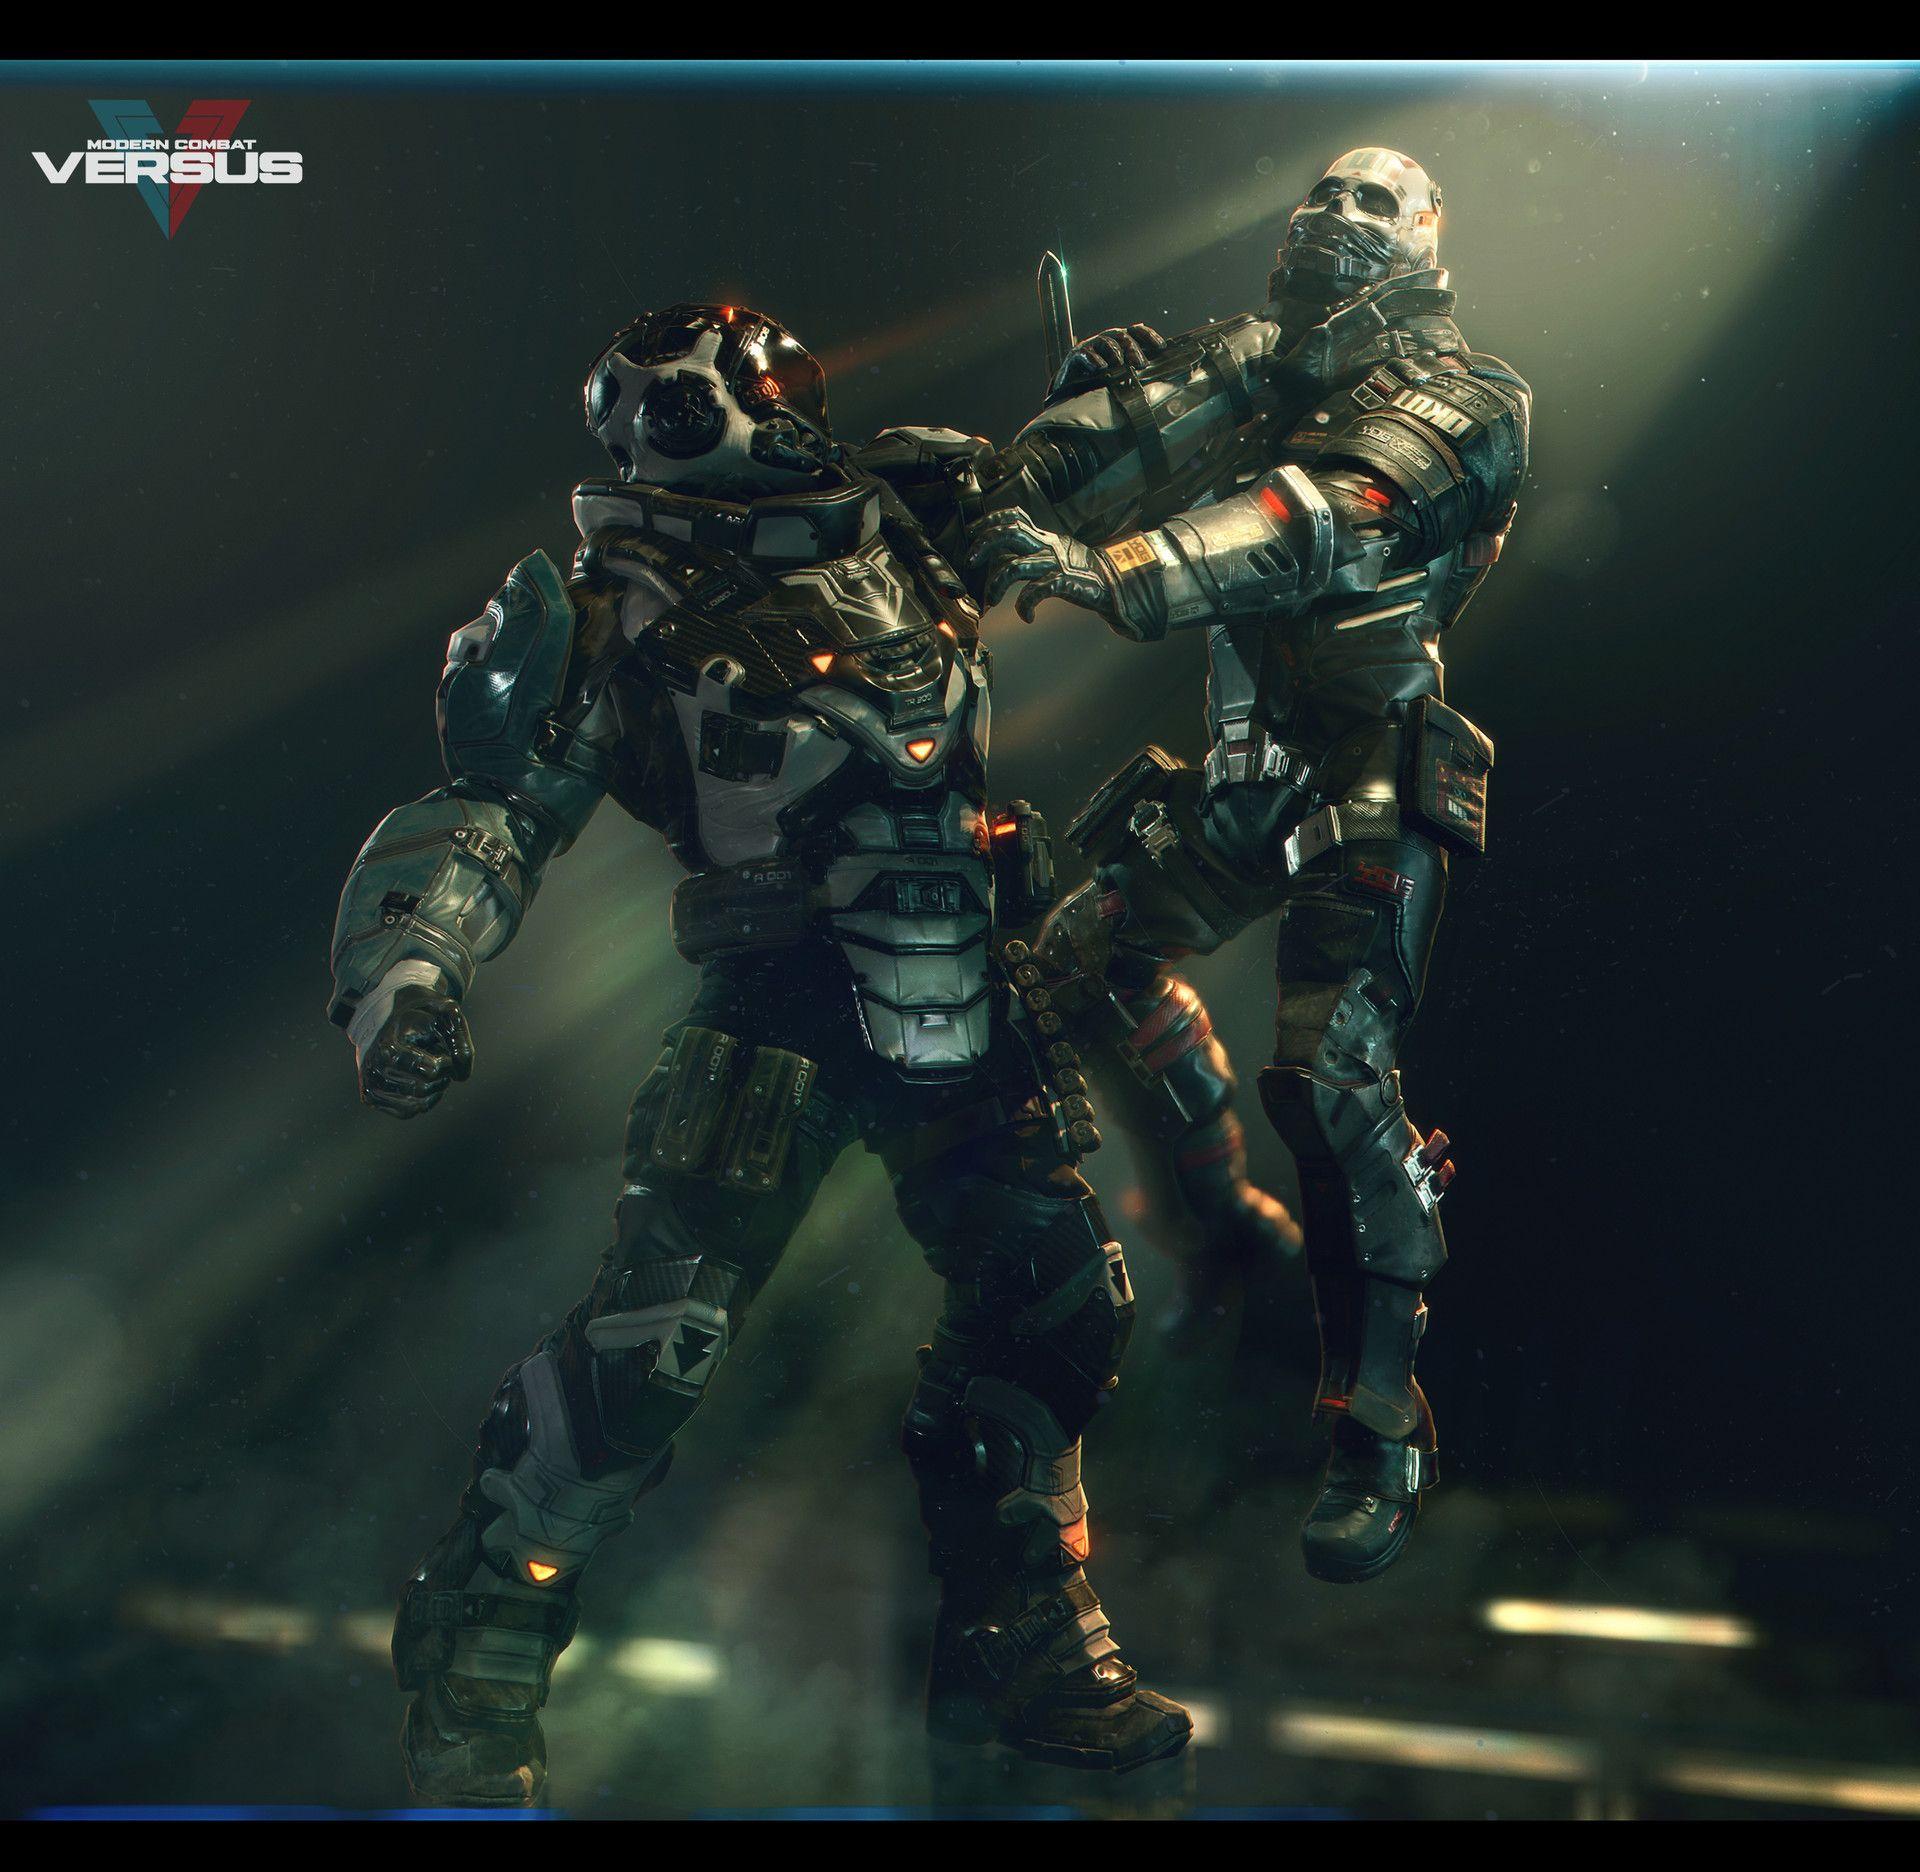 Modern Combat Versus Character Team Art Dump Scene Design Cool Robots Concept Art Characters